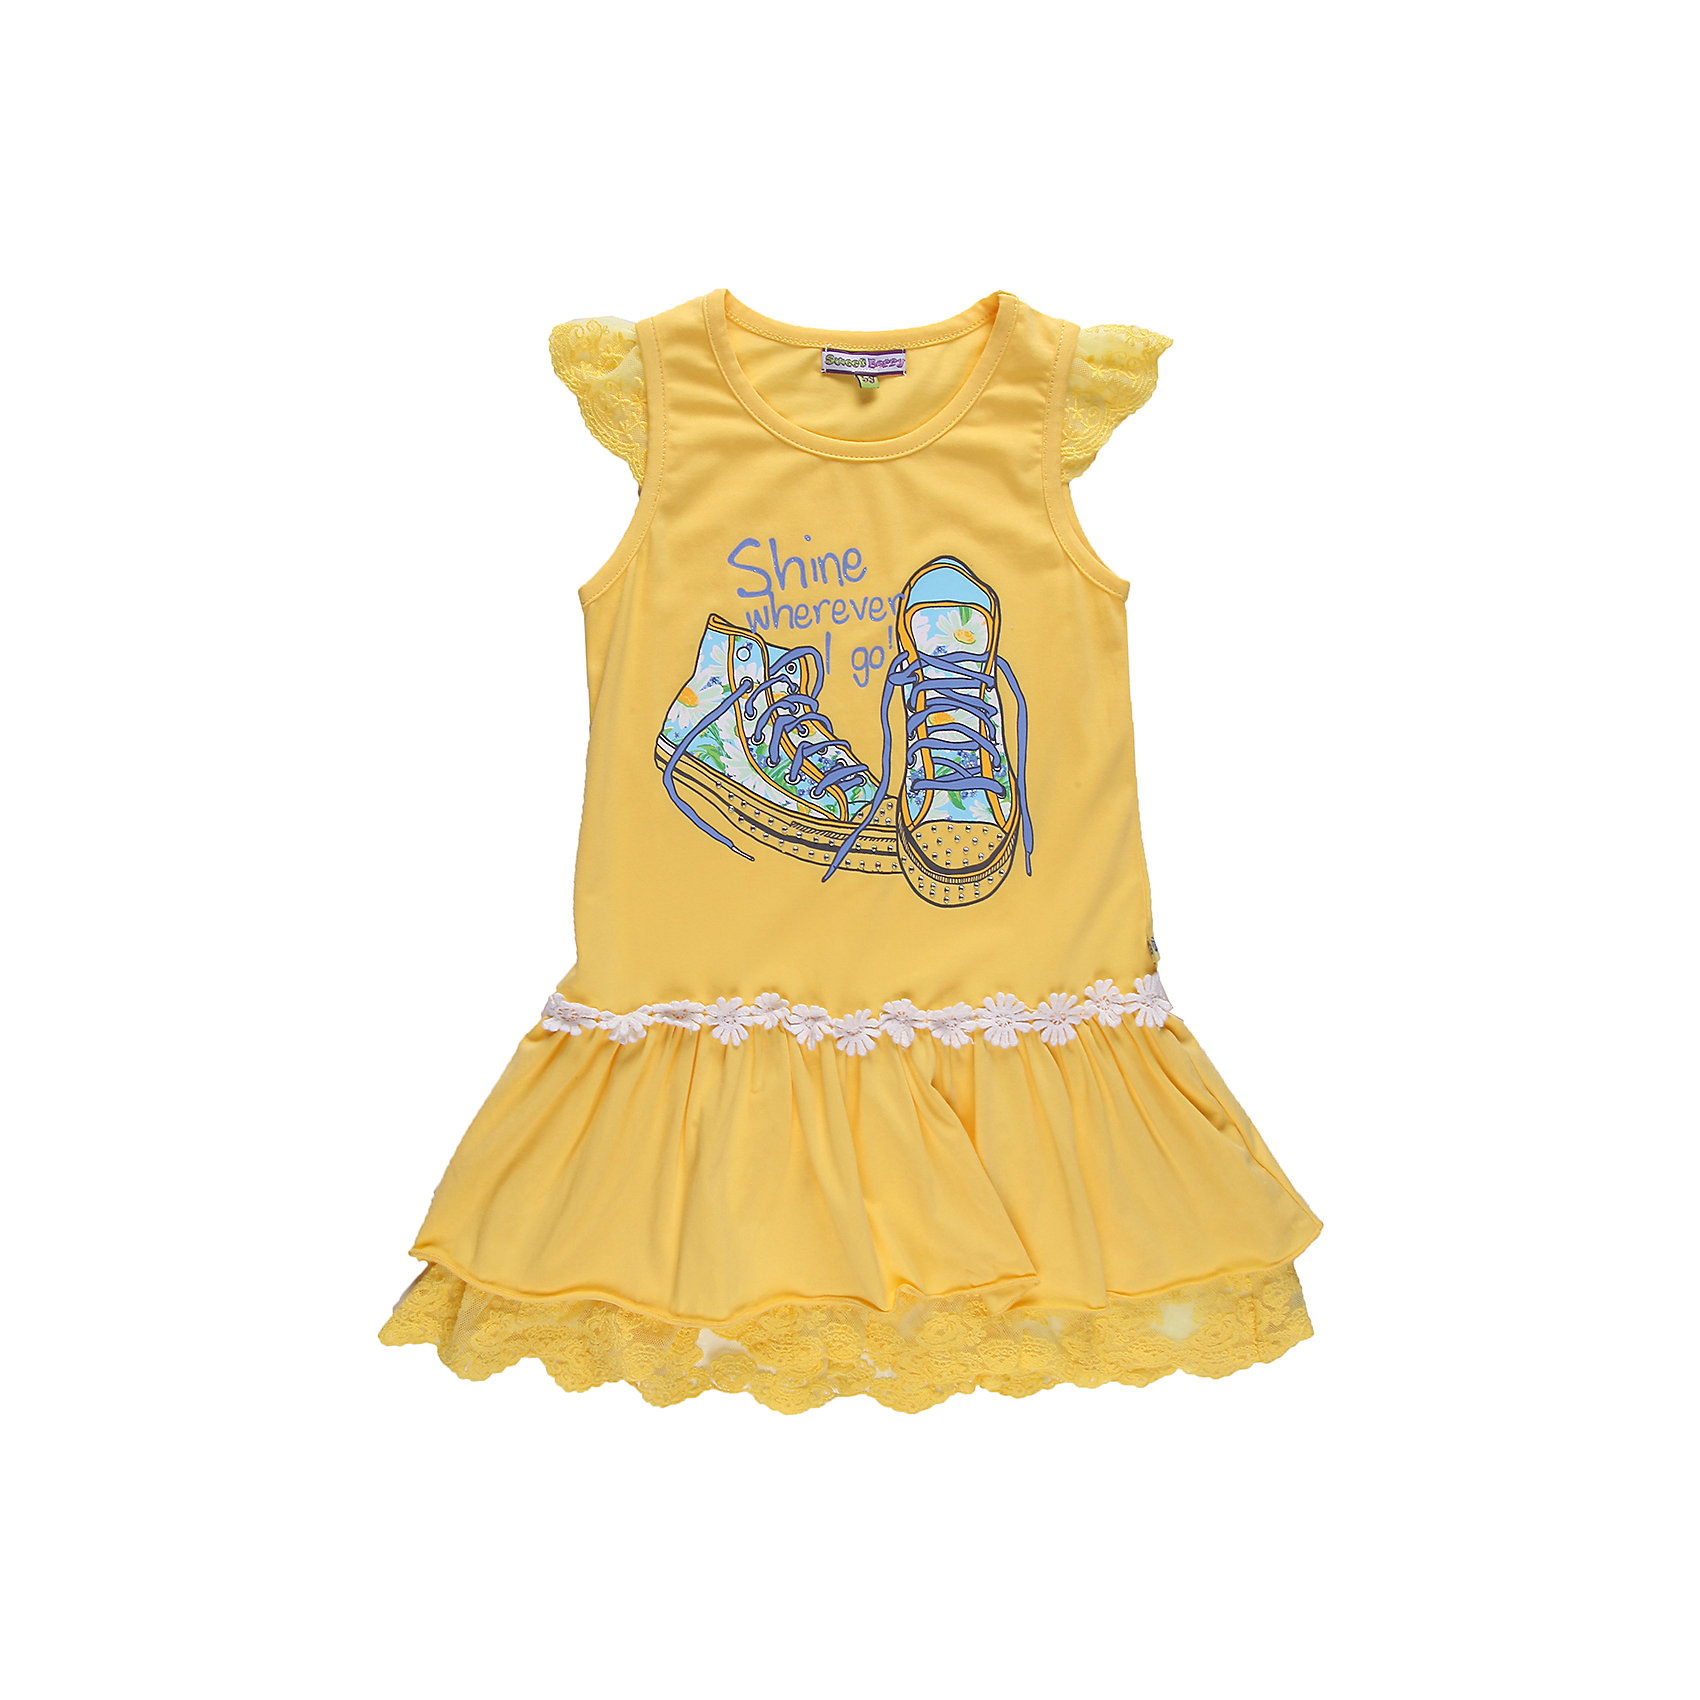 Платье для девочки Sweet BerryПлатья и сарафаны<br>Платье из эластичного трикотажа  с эластичным кружевом и кружевной отделкой. Декорировано принтом.<br>Состав:<br>95% хлопок, 5% эластан<br><br>Ширина мм: 236<br>Глубина мм: 16<br>Высота мм: 184<br>Вес г: 177<br>Цвет: желтый<br>Возраст от месяцев: 24<br>Возраст до месяцев: 36<br>Пол: Женский<br>Возраст: Детский<br>Размер: 98,128,116,110,122,104<br>SKU: 4520901